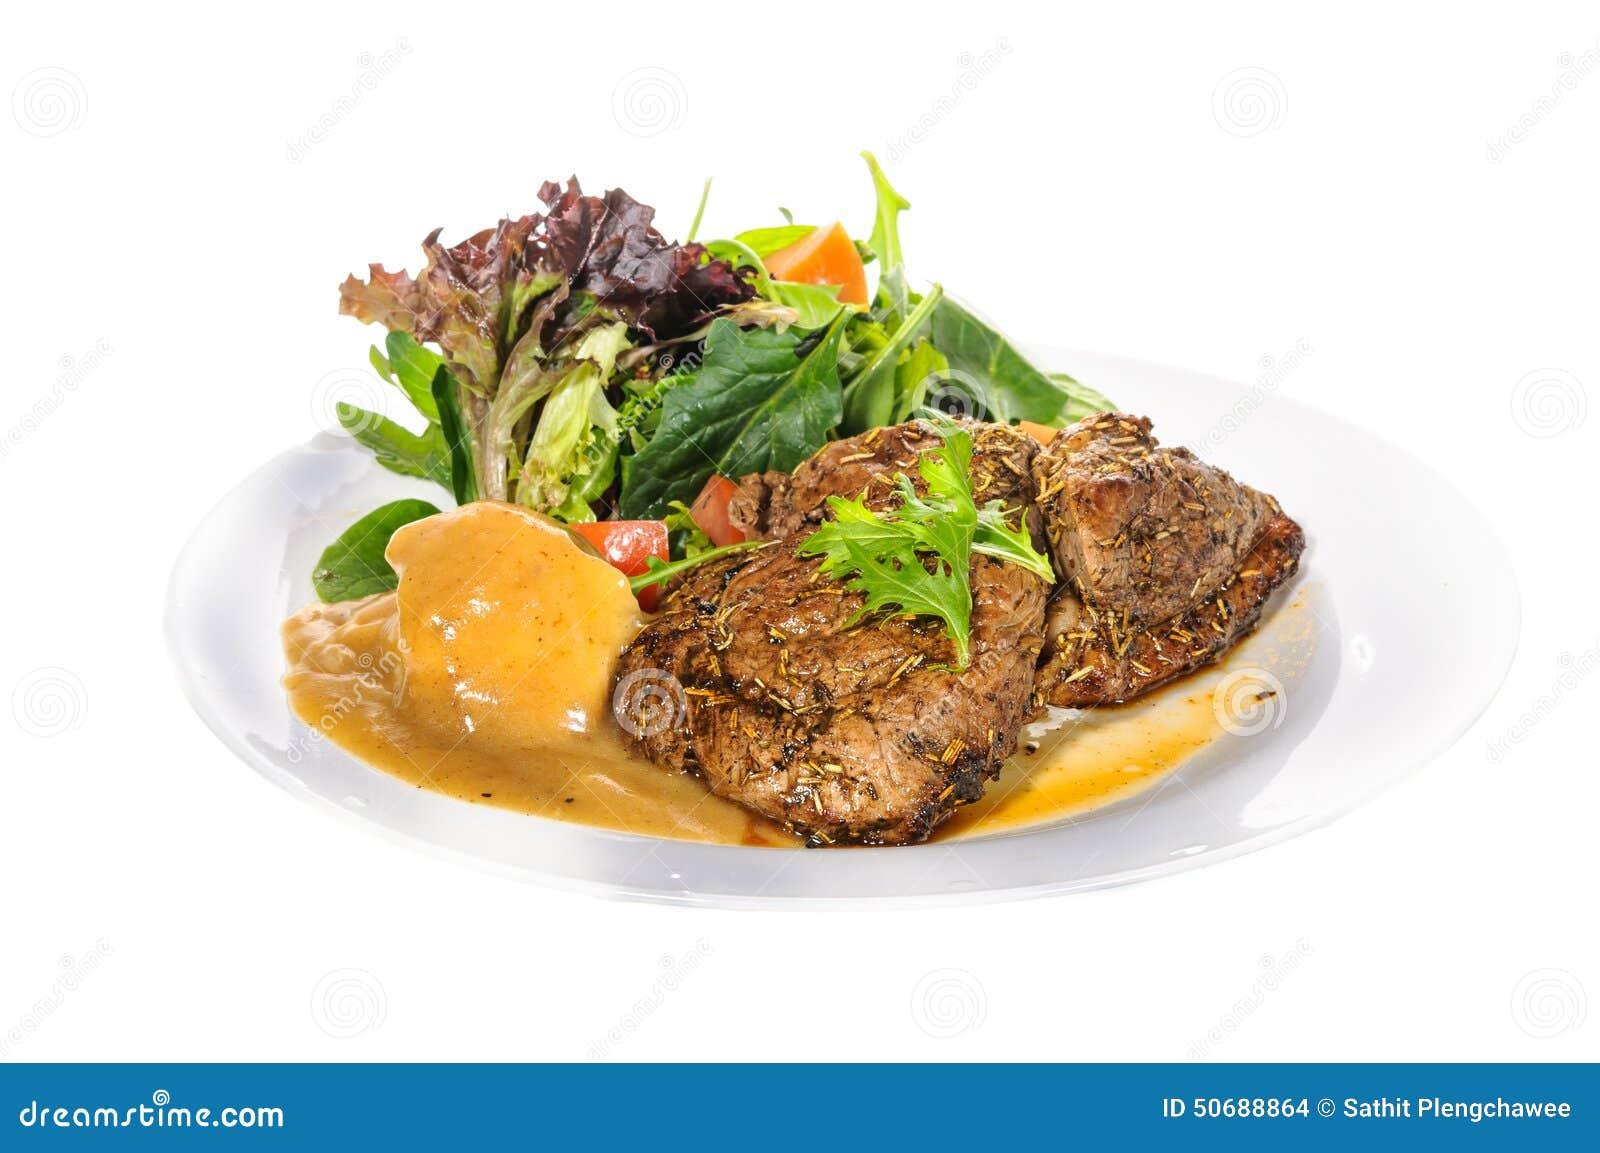 Download 臀部的牛排用土豆泥和混合菜在板材 库存照片. 图片 包括有 油煎, 细菌学, 土豆, 健康, 膳食, 臀部 - 50688864